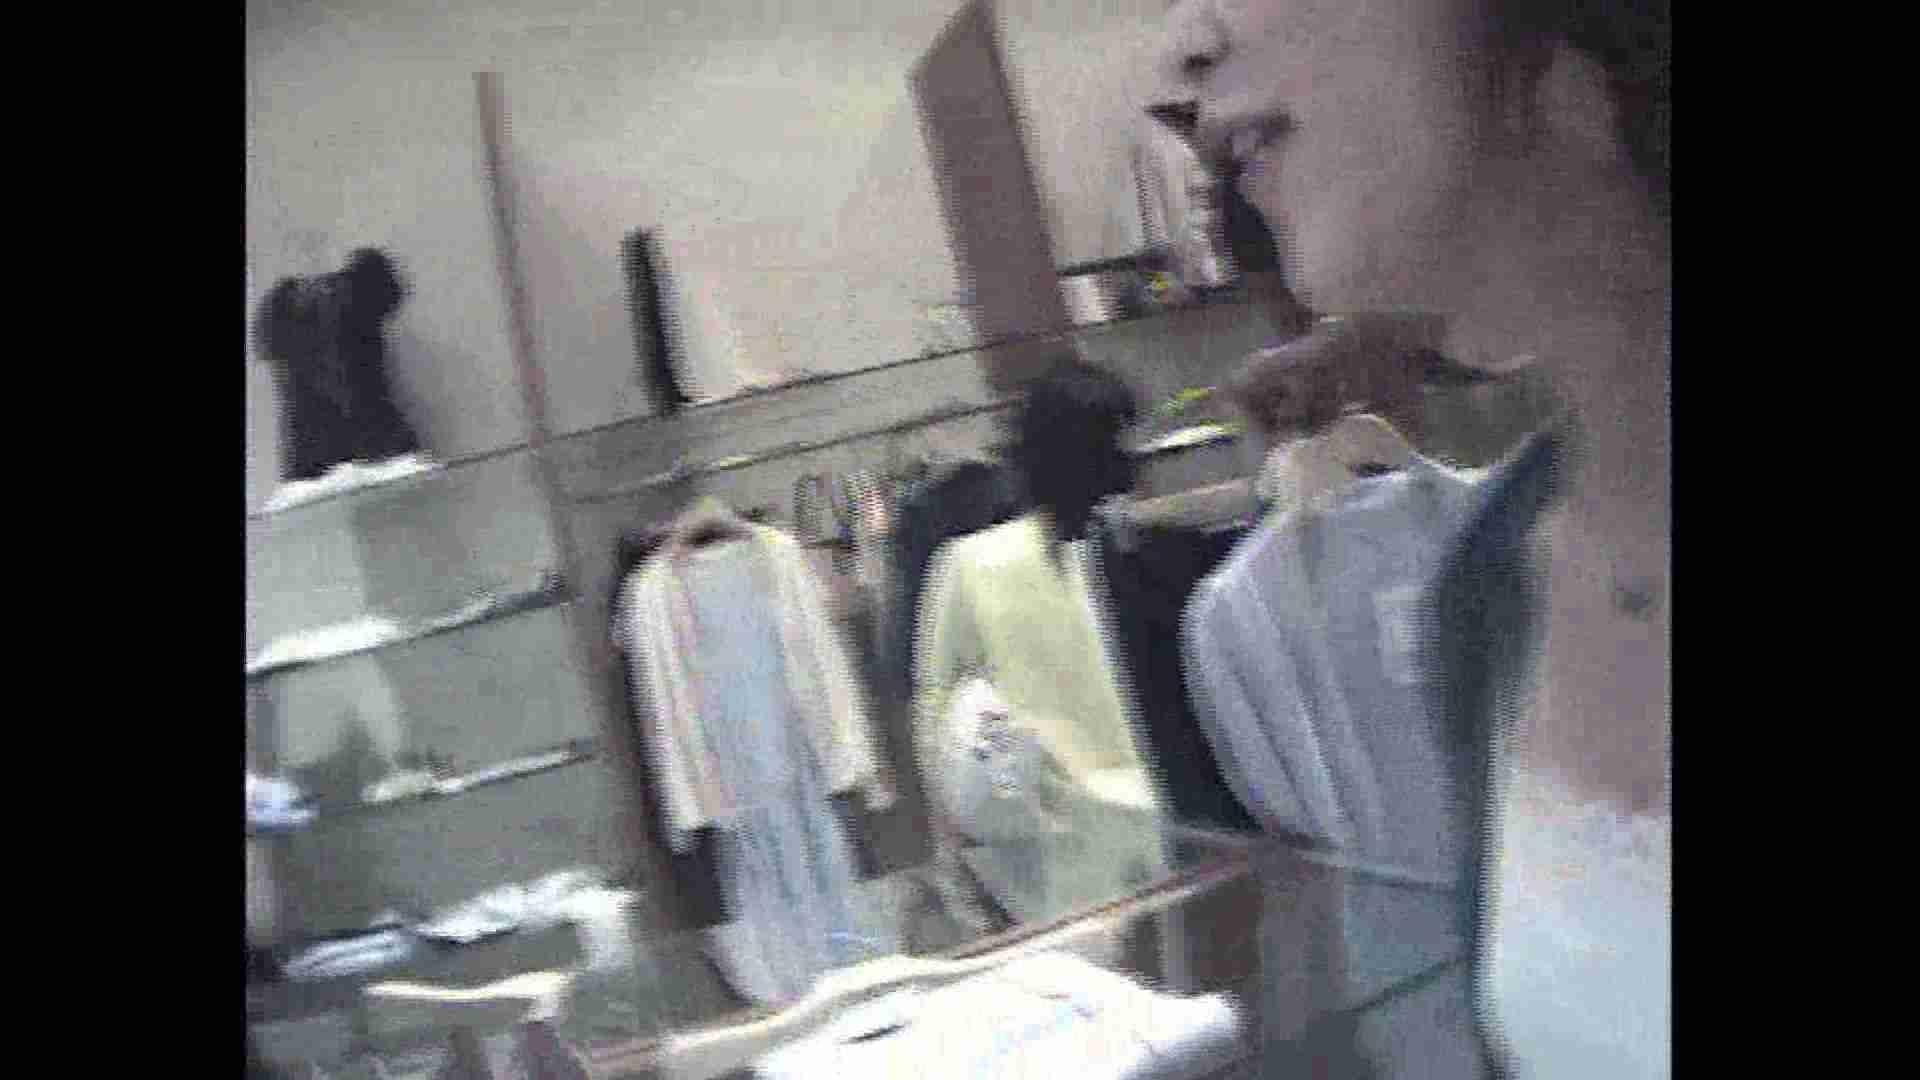 働く美女の谷間参拝 Vol.20 盗撮特集 オマンコ無修正動画無料 55画像 3